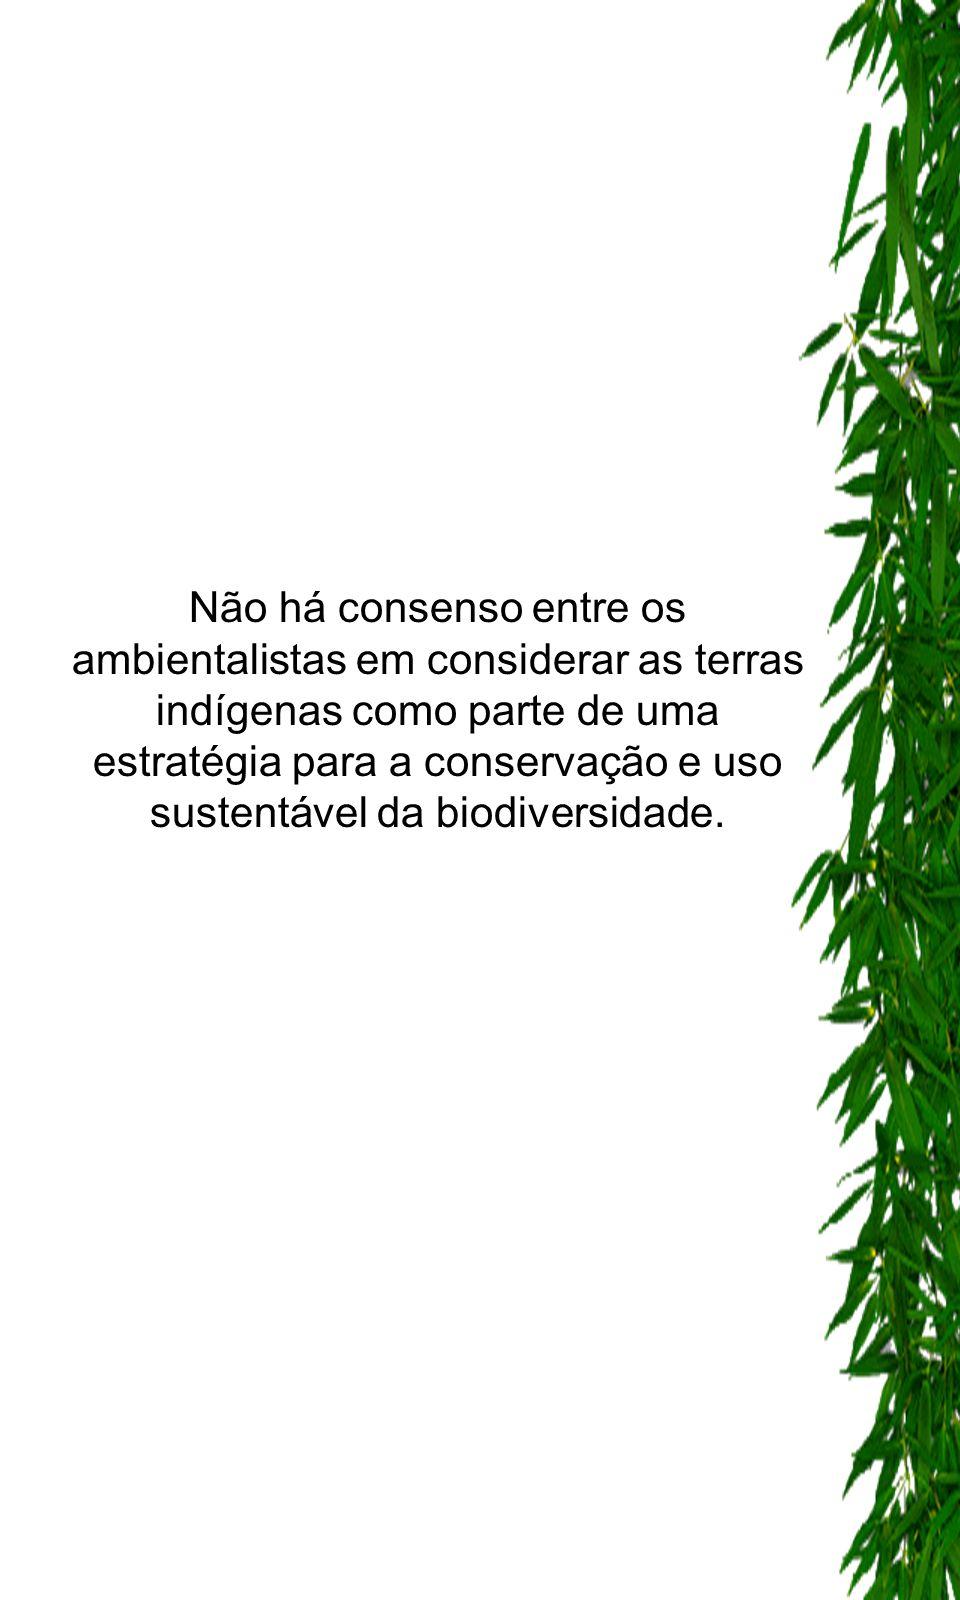 Não há consenso entre os ambientalistas em considerar as terras indígenas como parte de uma estratégia para a conservação e uso sustentável da biodive